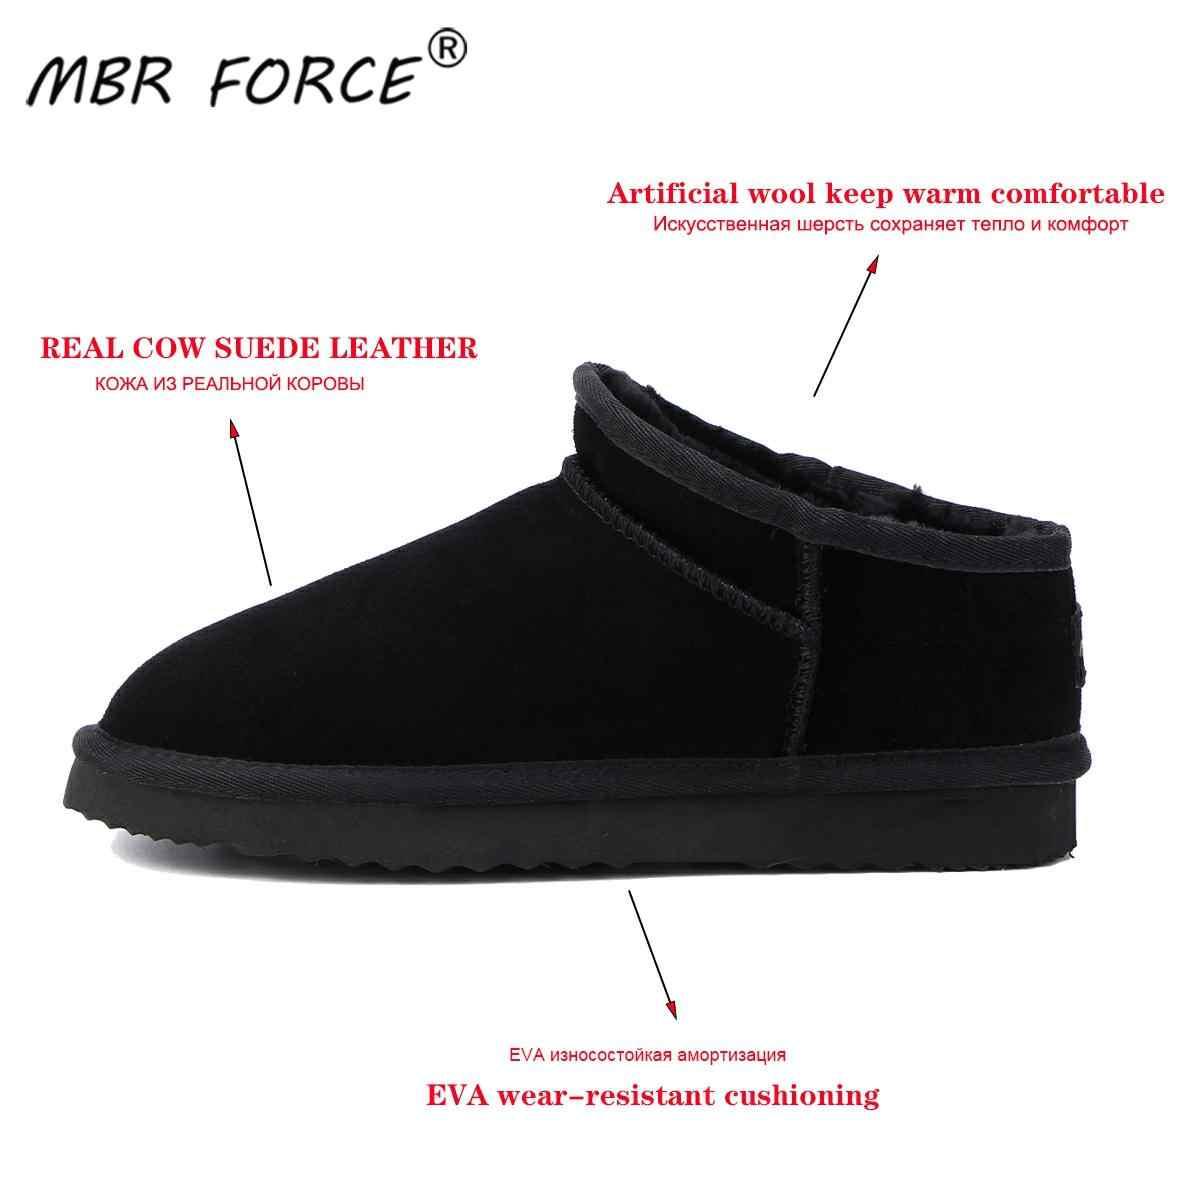 MBR BUỘC Phụ Nữ Úc Phong Cách Cổ Điển Ủng Mùa Đông Ấm Da Đế Bằng Warterproof Cao chất lượng Mắt Cá Chân Giày kích thước lớn